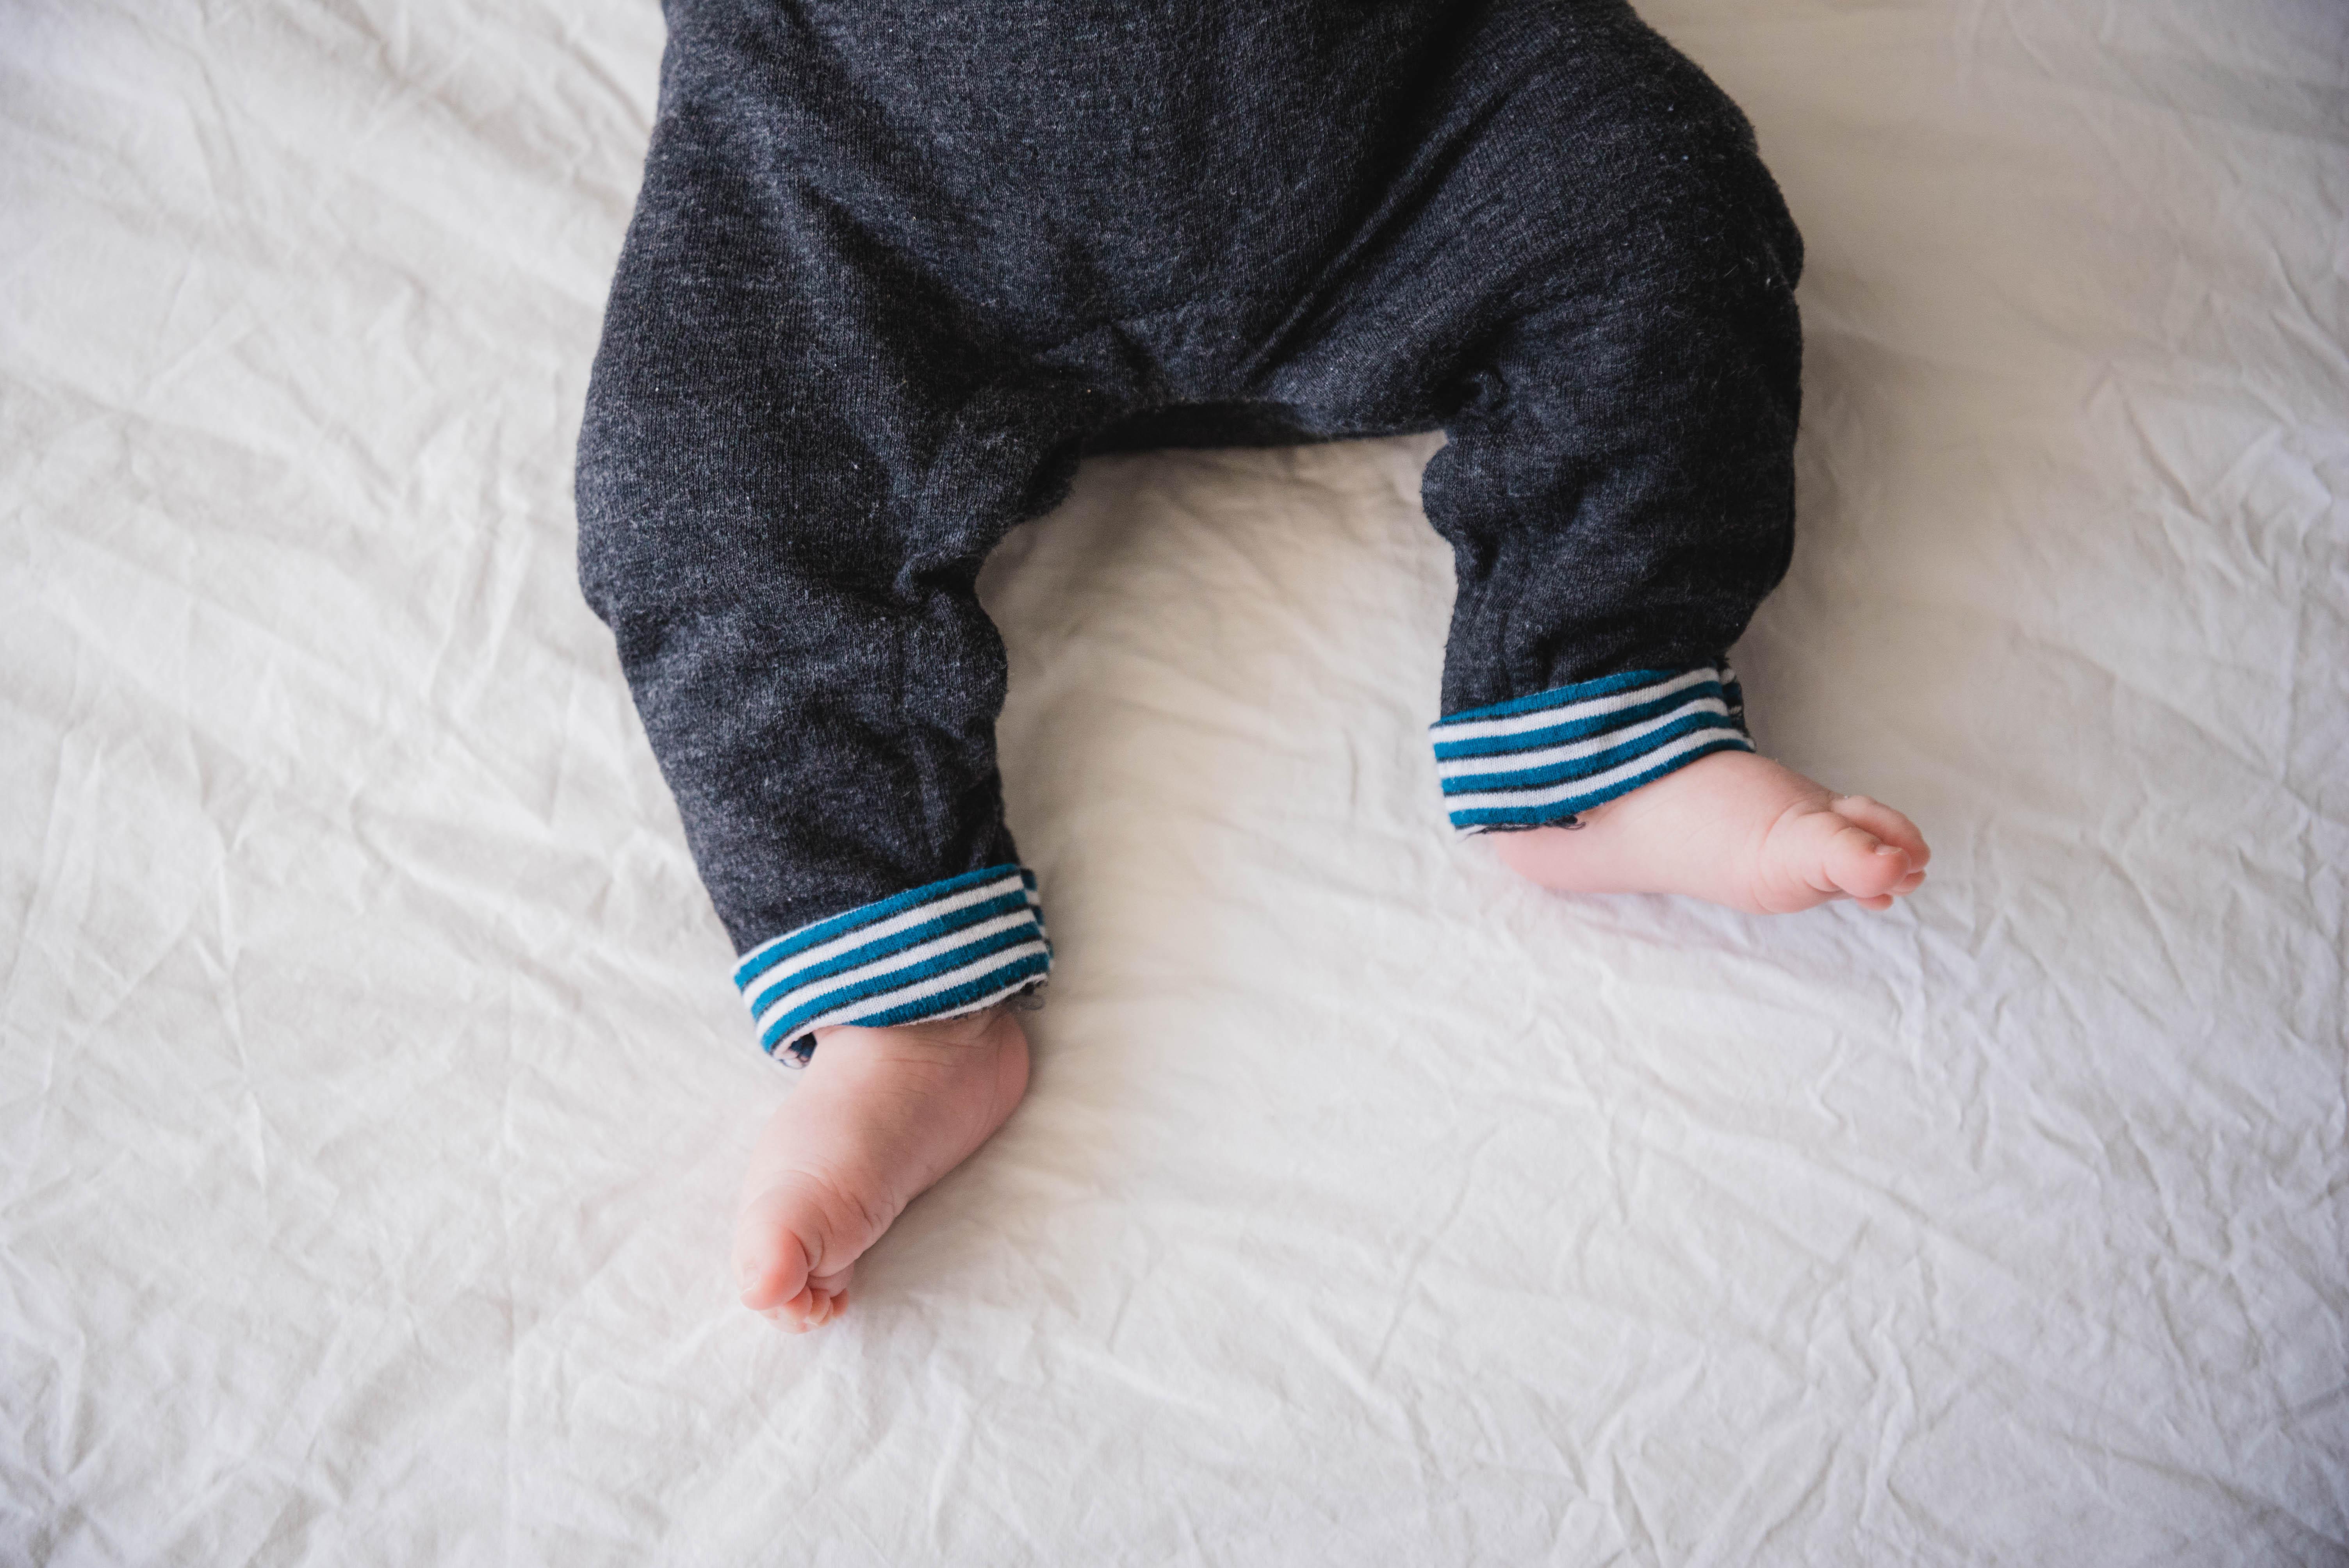 Newborn Leven Liefde Geluk Fotografie _ Joep-51